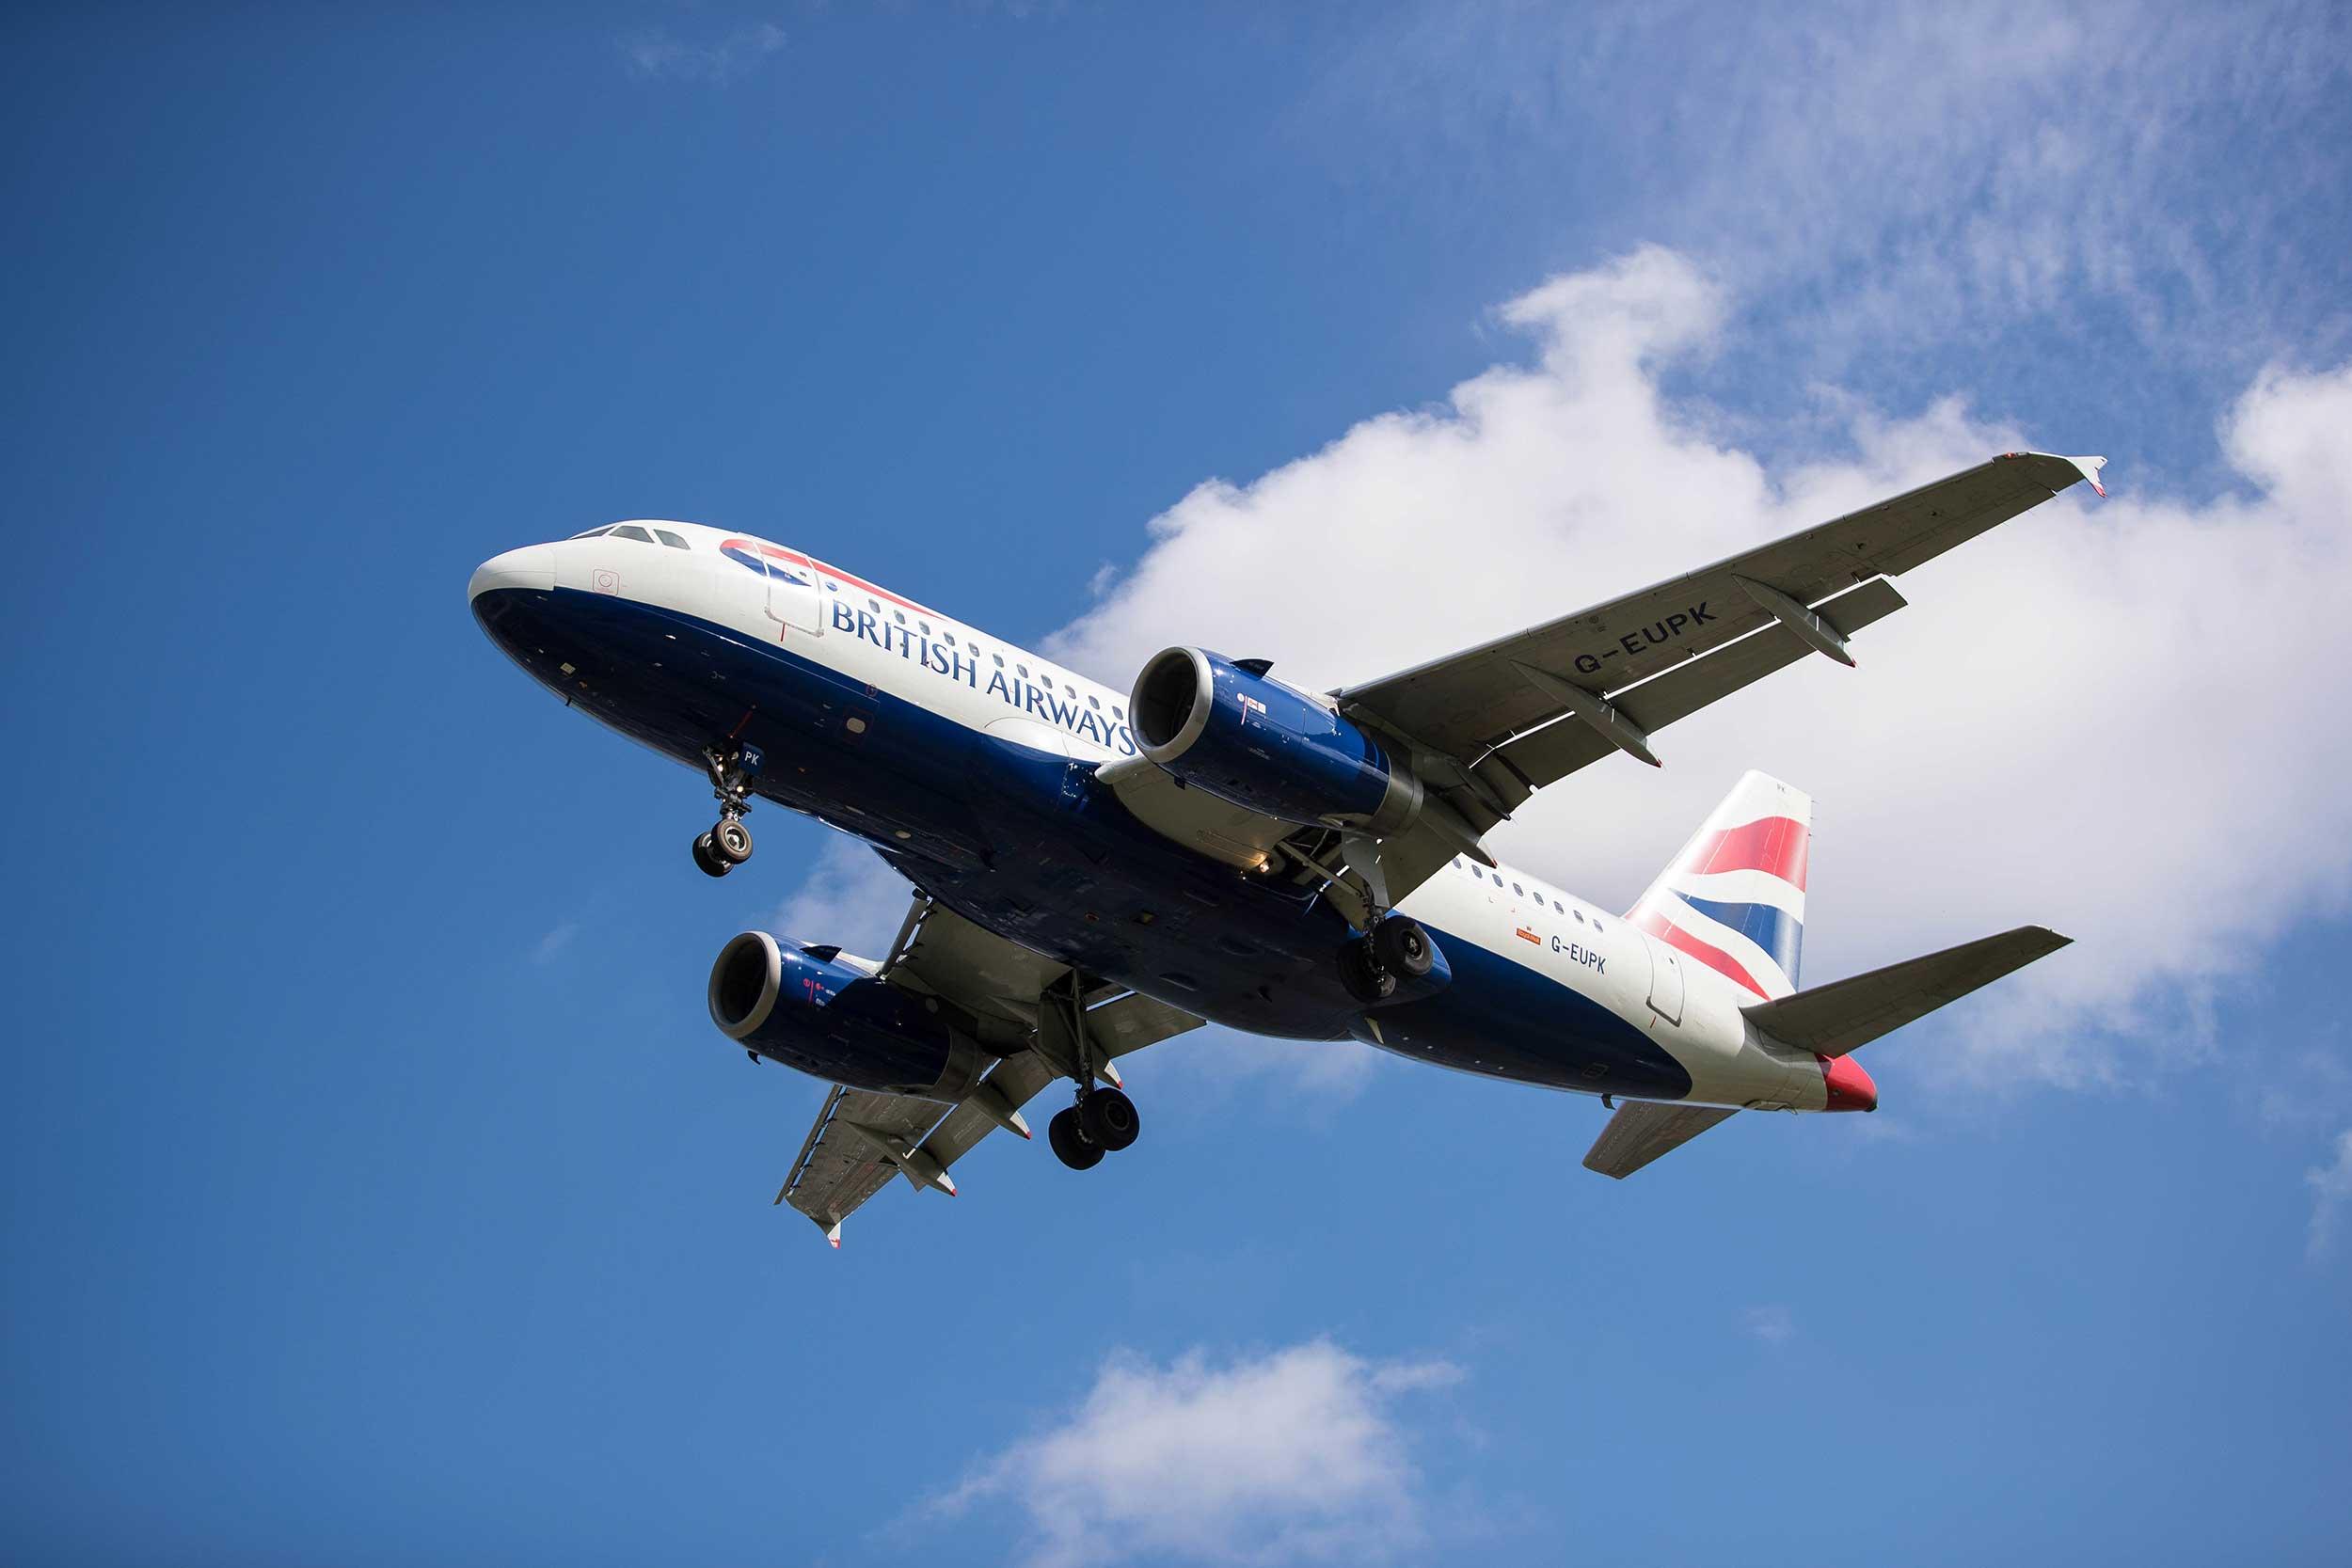 British Airways A319